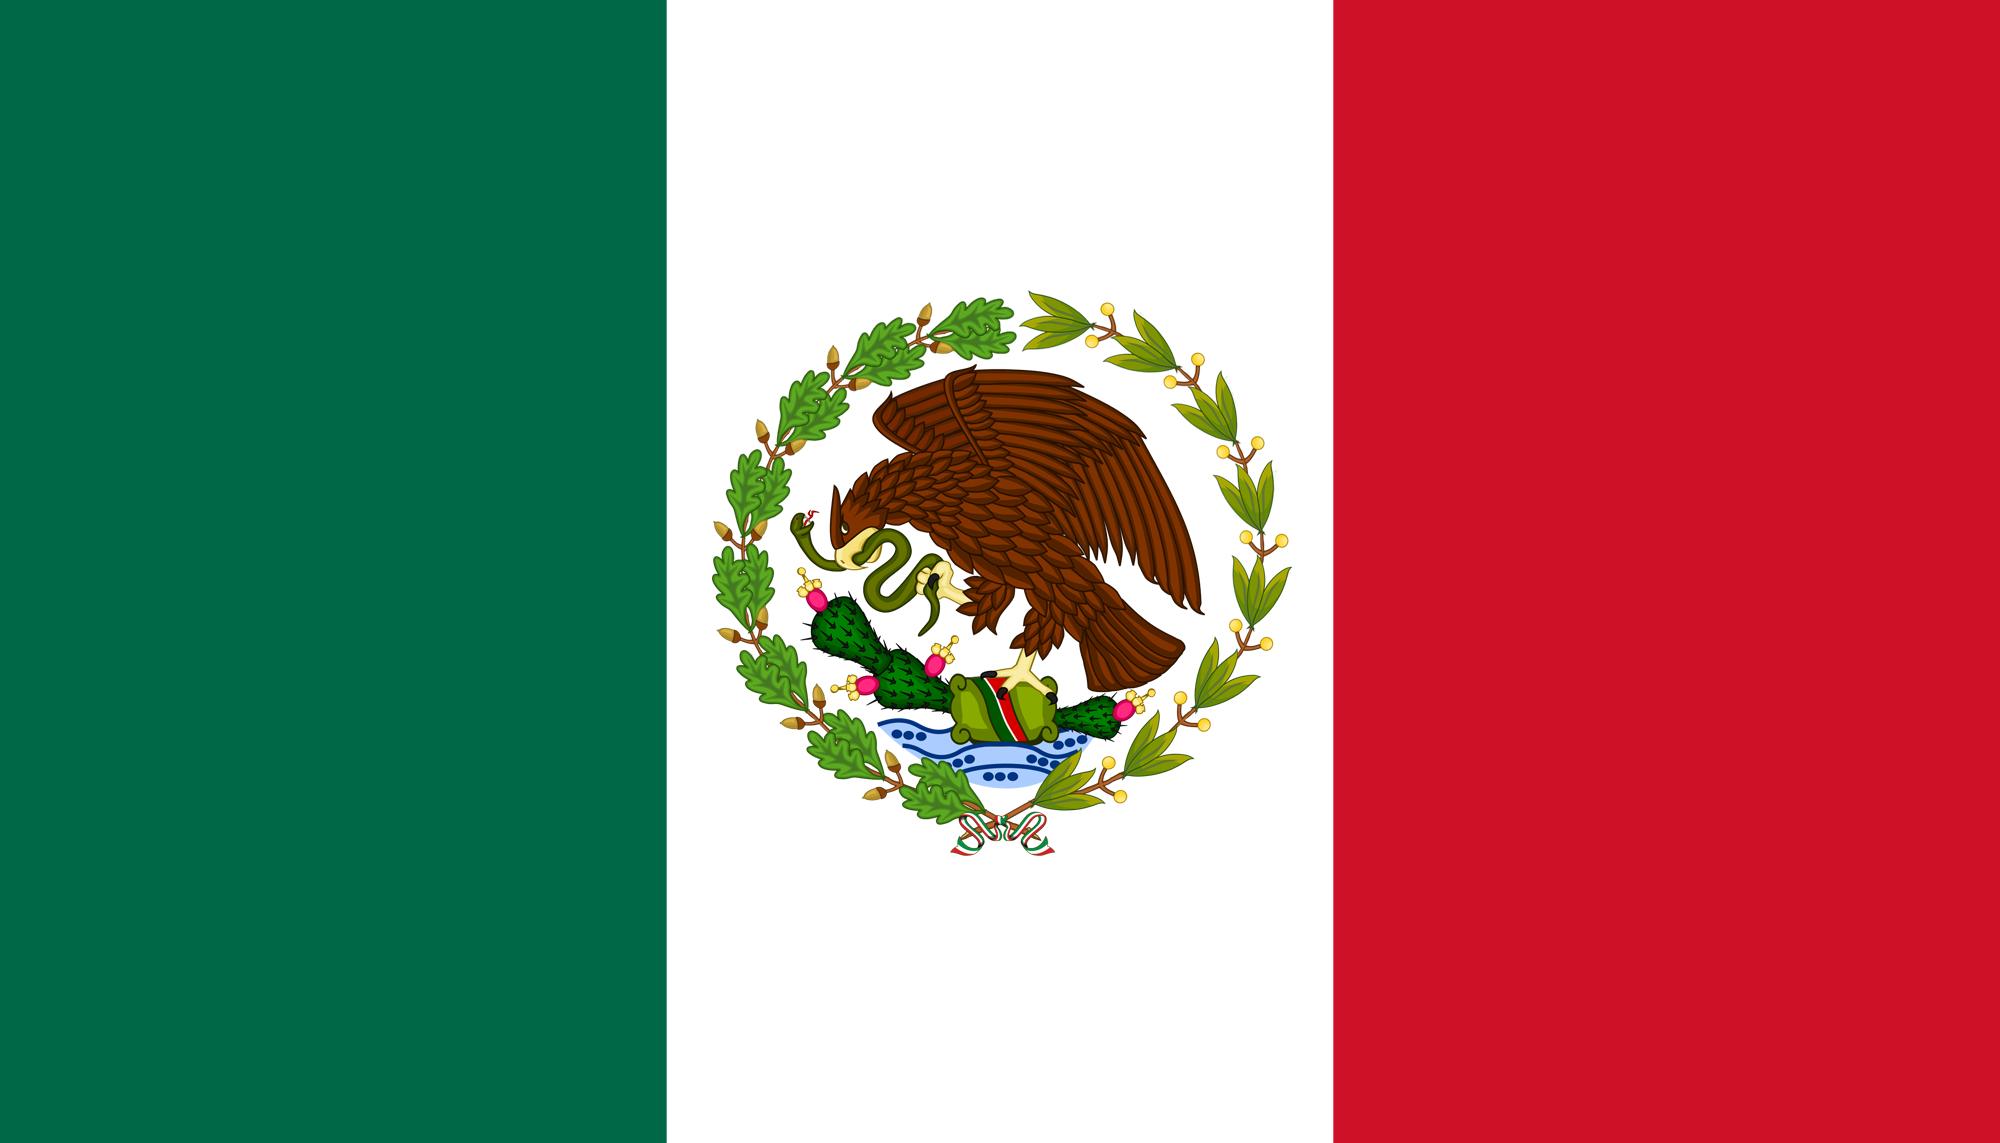 Significado Colores Bandera Republicana Espa Ef Bf Bdola